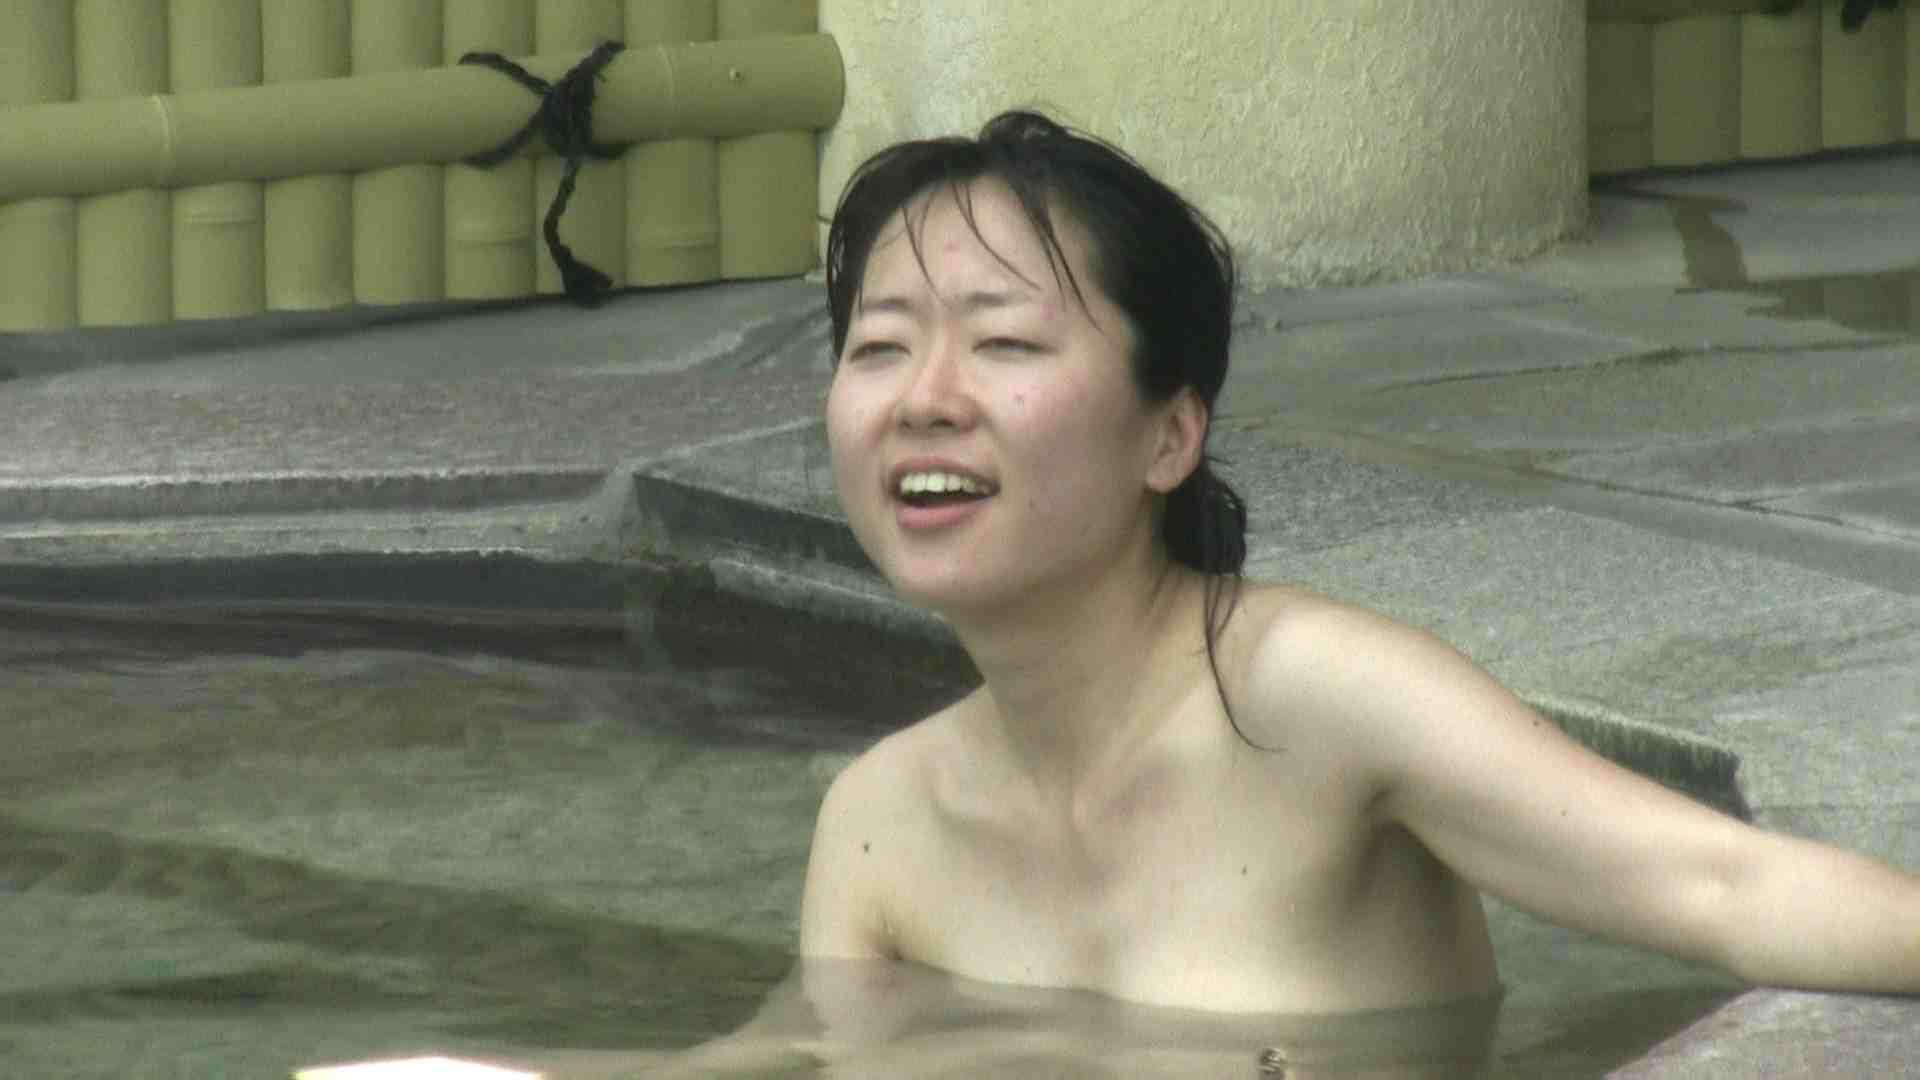 Aquaな露天風呂Vol.667 盗撮師作品 のぞき動画画像 92pic 26